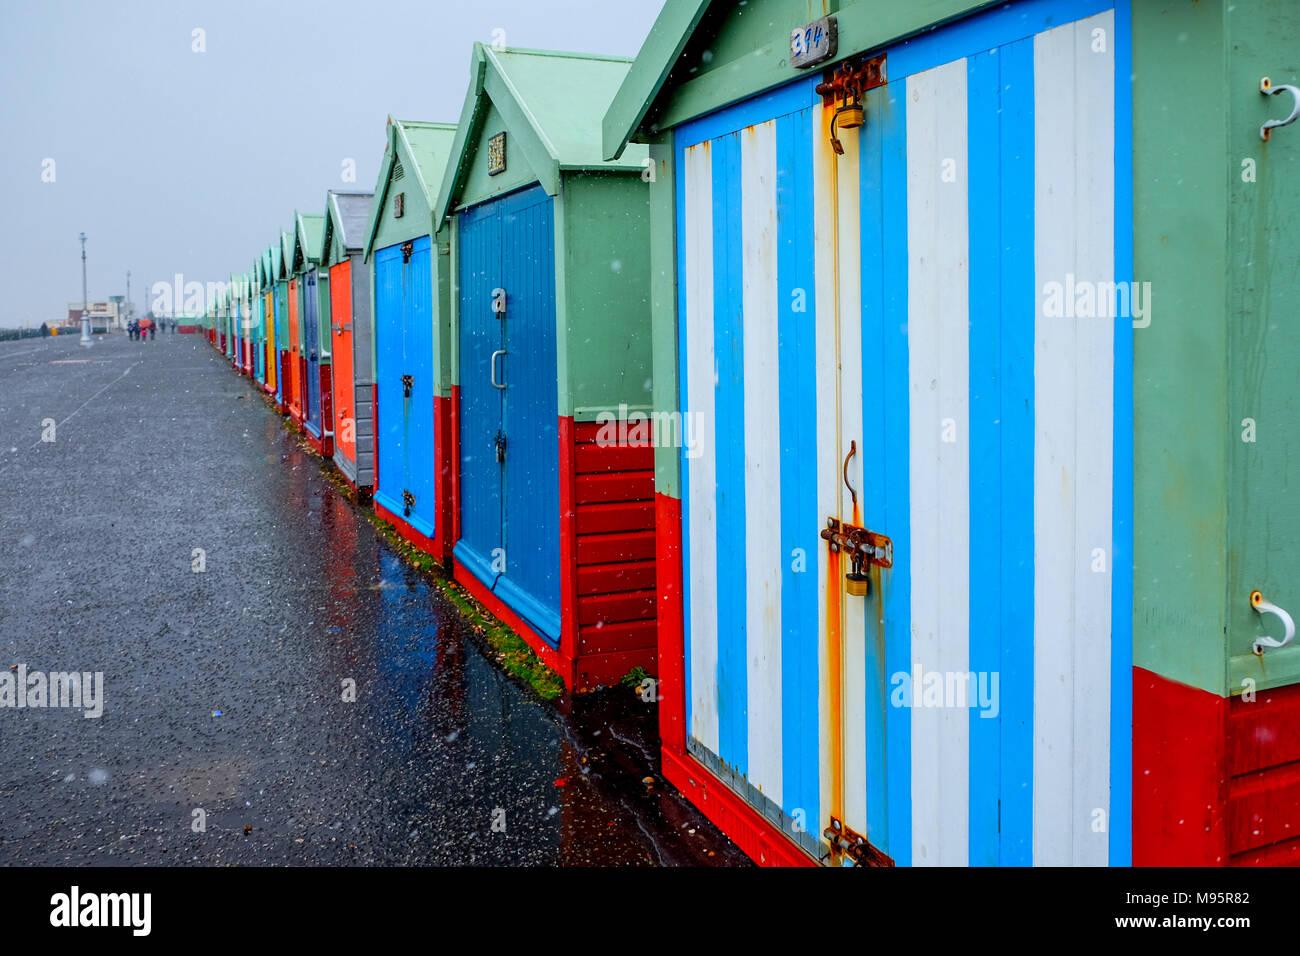 Brighton Seafront cuarenta y cabañas de playa, las cabañas tienen puertas multicolores en línea recta en un paseo de hormigón gris, el cielo es la playa más cercana h Imagen De Stock